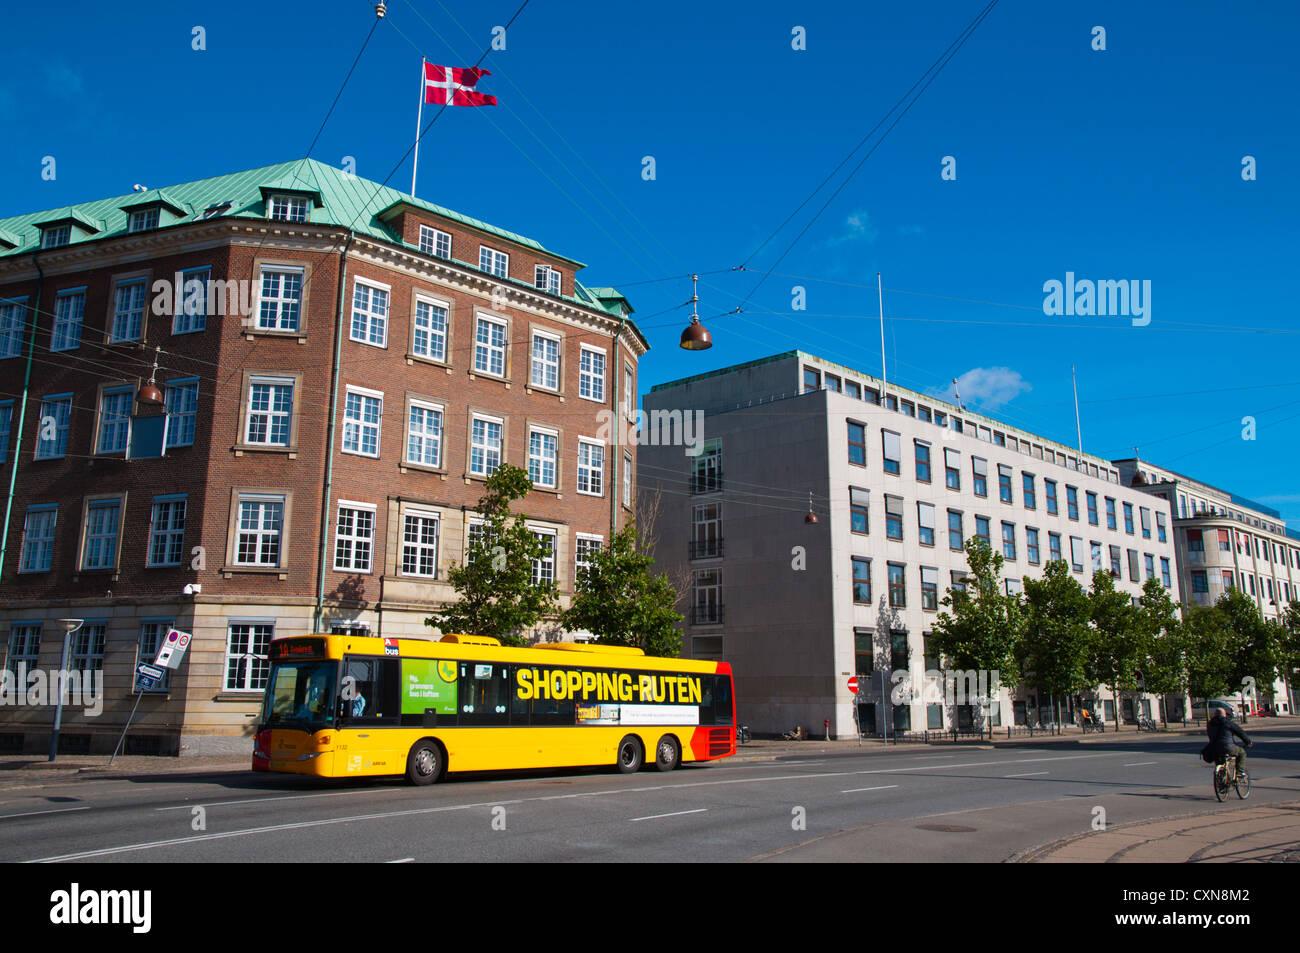 Public transportation bus Holmens Kanal street central Copenhagen Denmark Europe - Stock Image